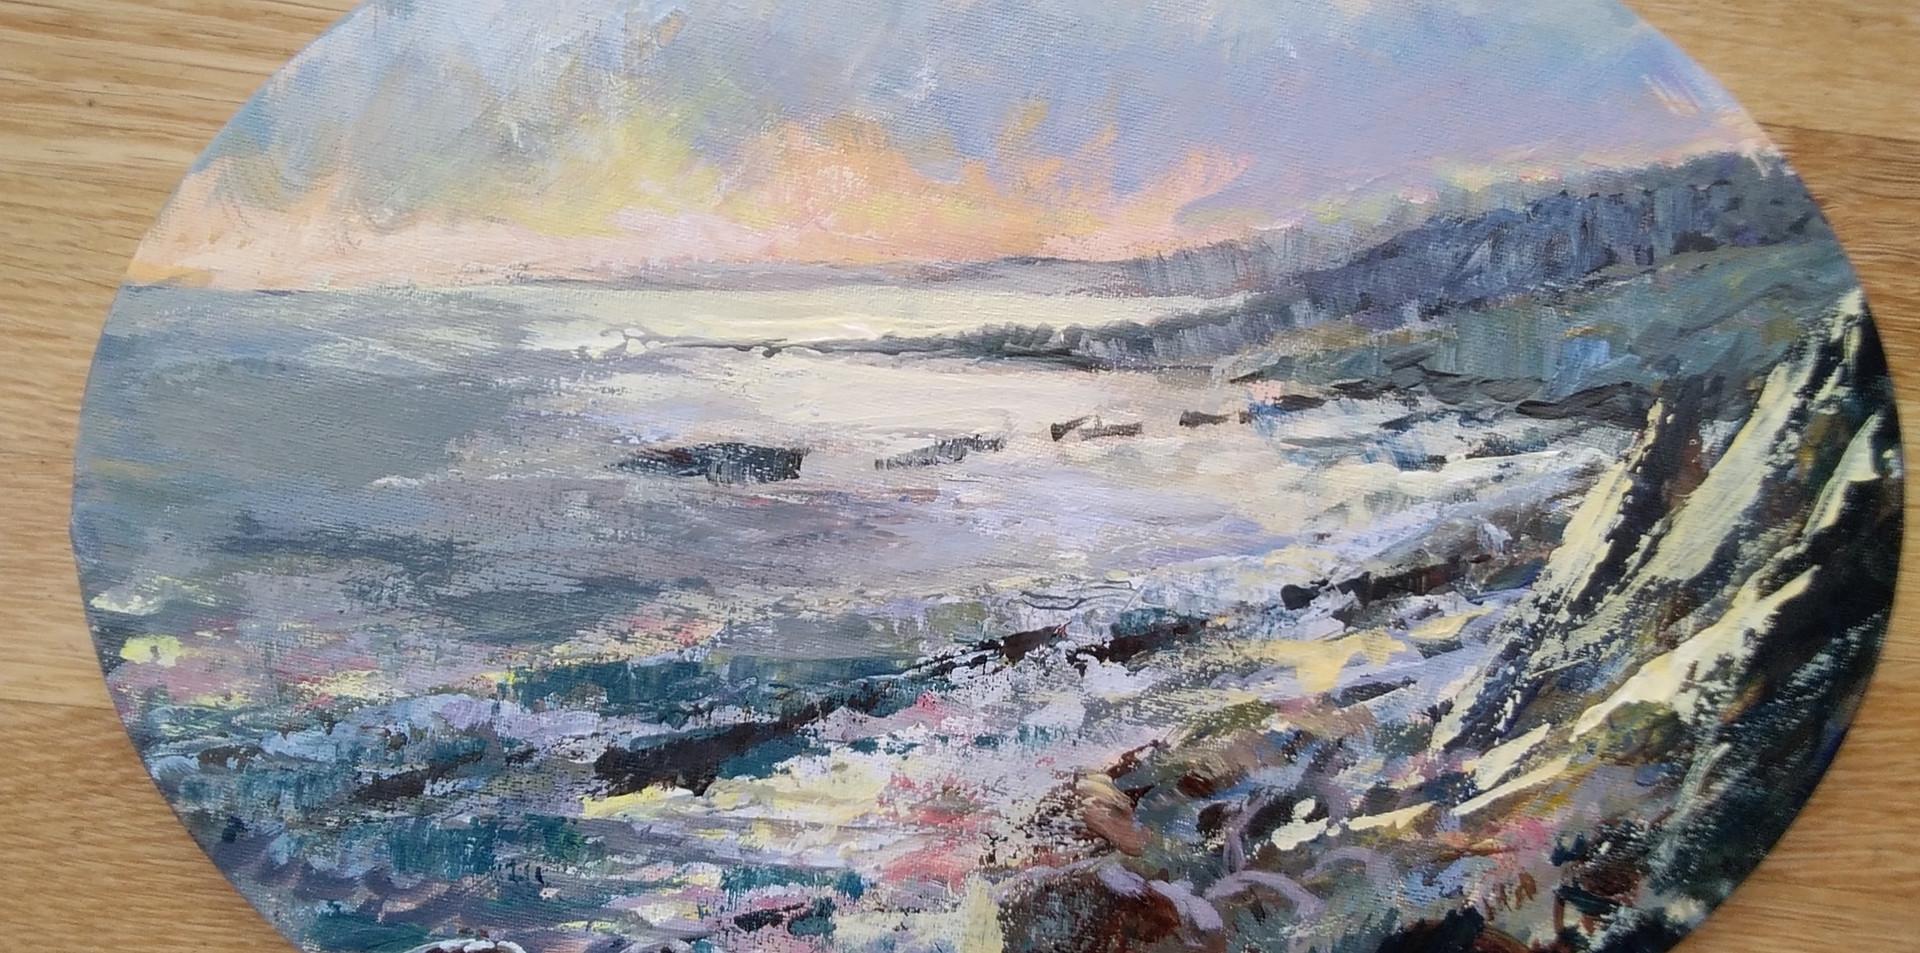 The Cob, Lyme Regis